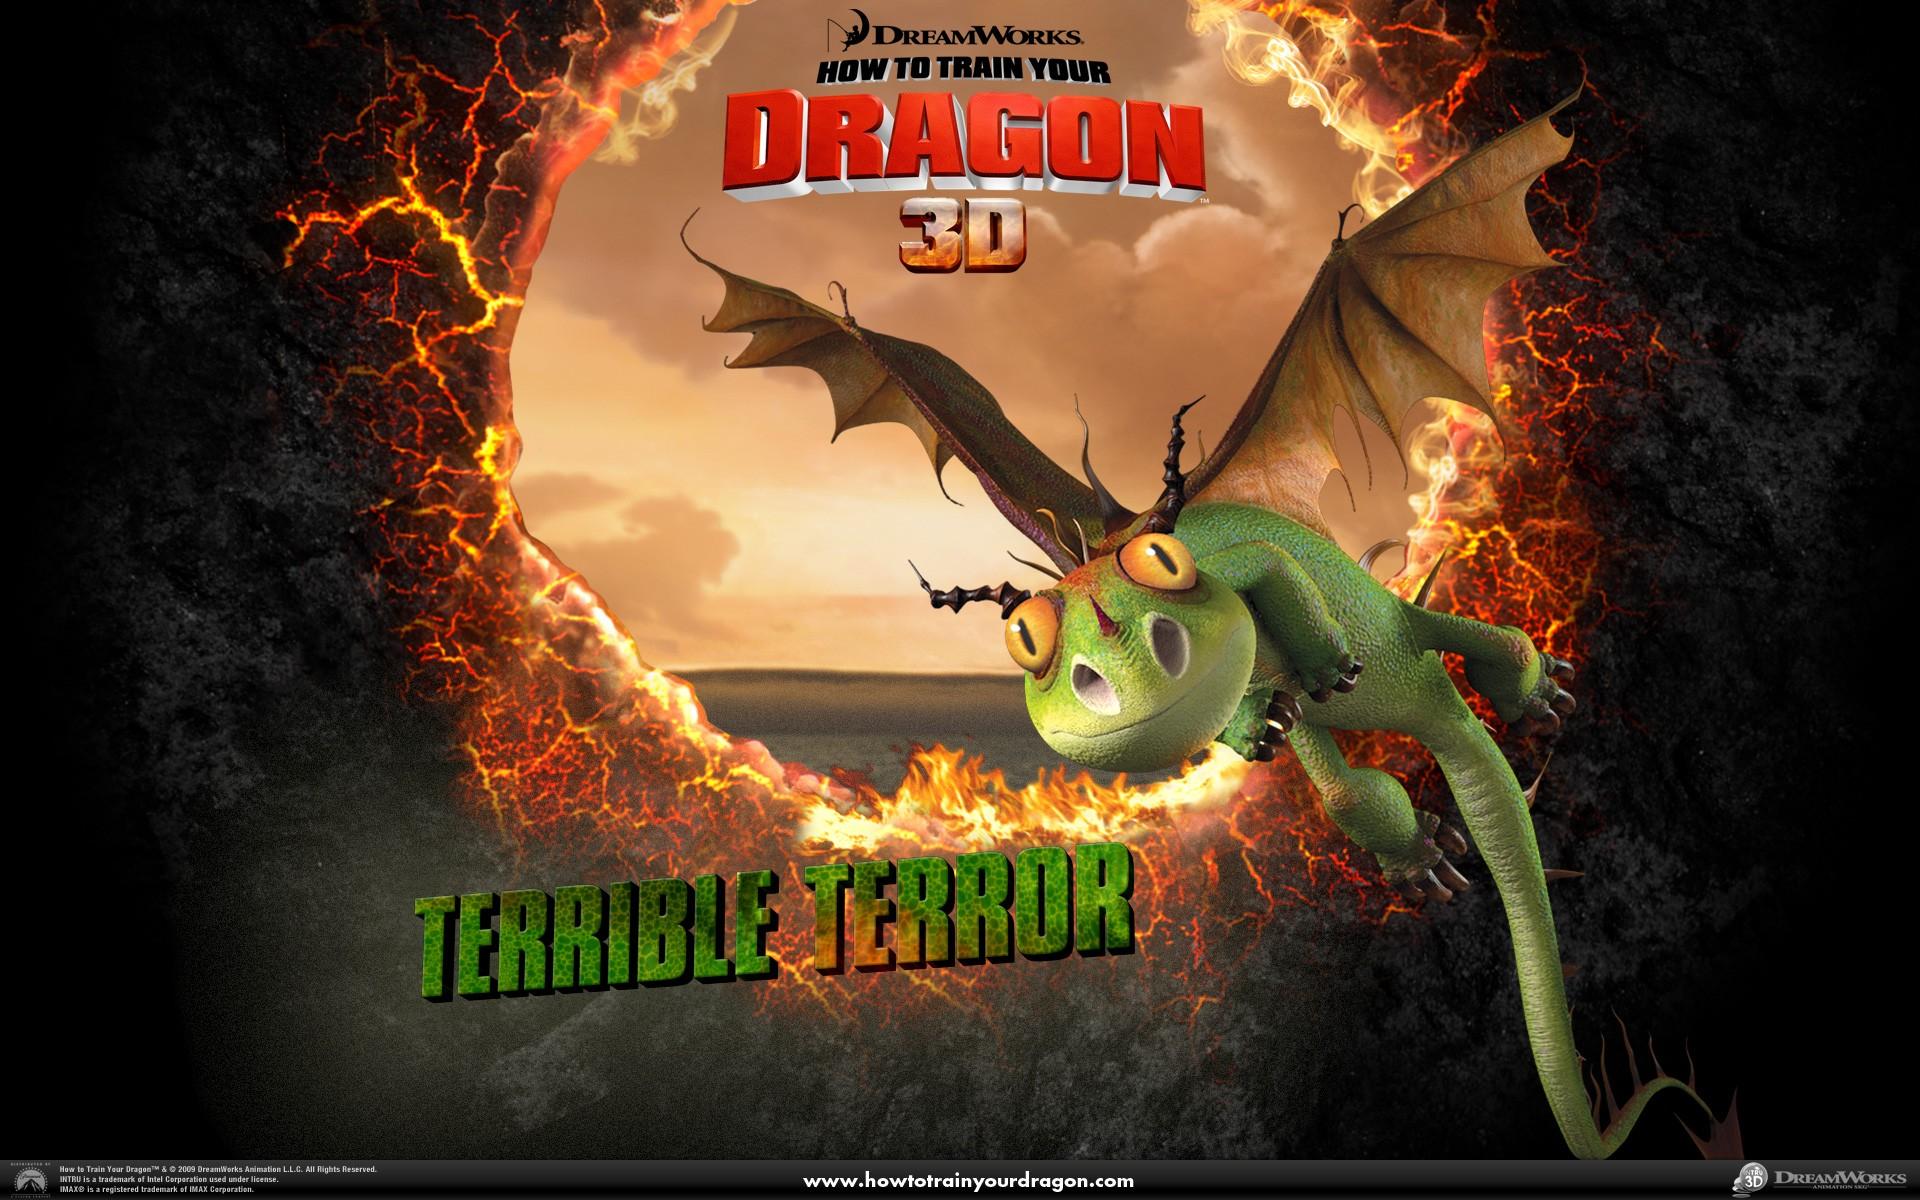 Un wallpaper ufficiale del drago Terribile Terrore del film Dragon Trainer